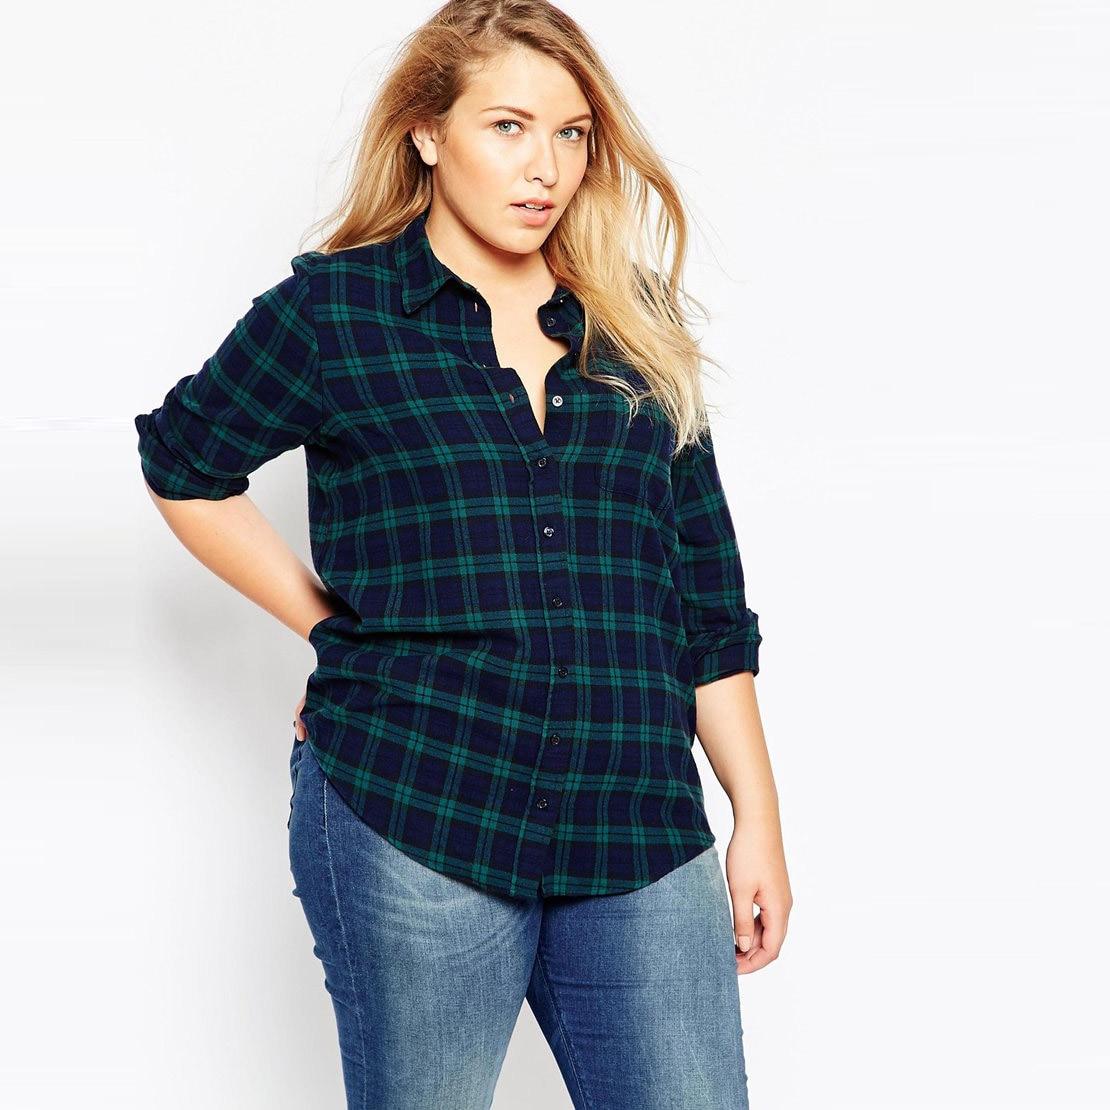 High Quality Plaid Shirt Green-Buy Cheap Plaid Shirt Green lots ...